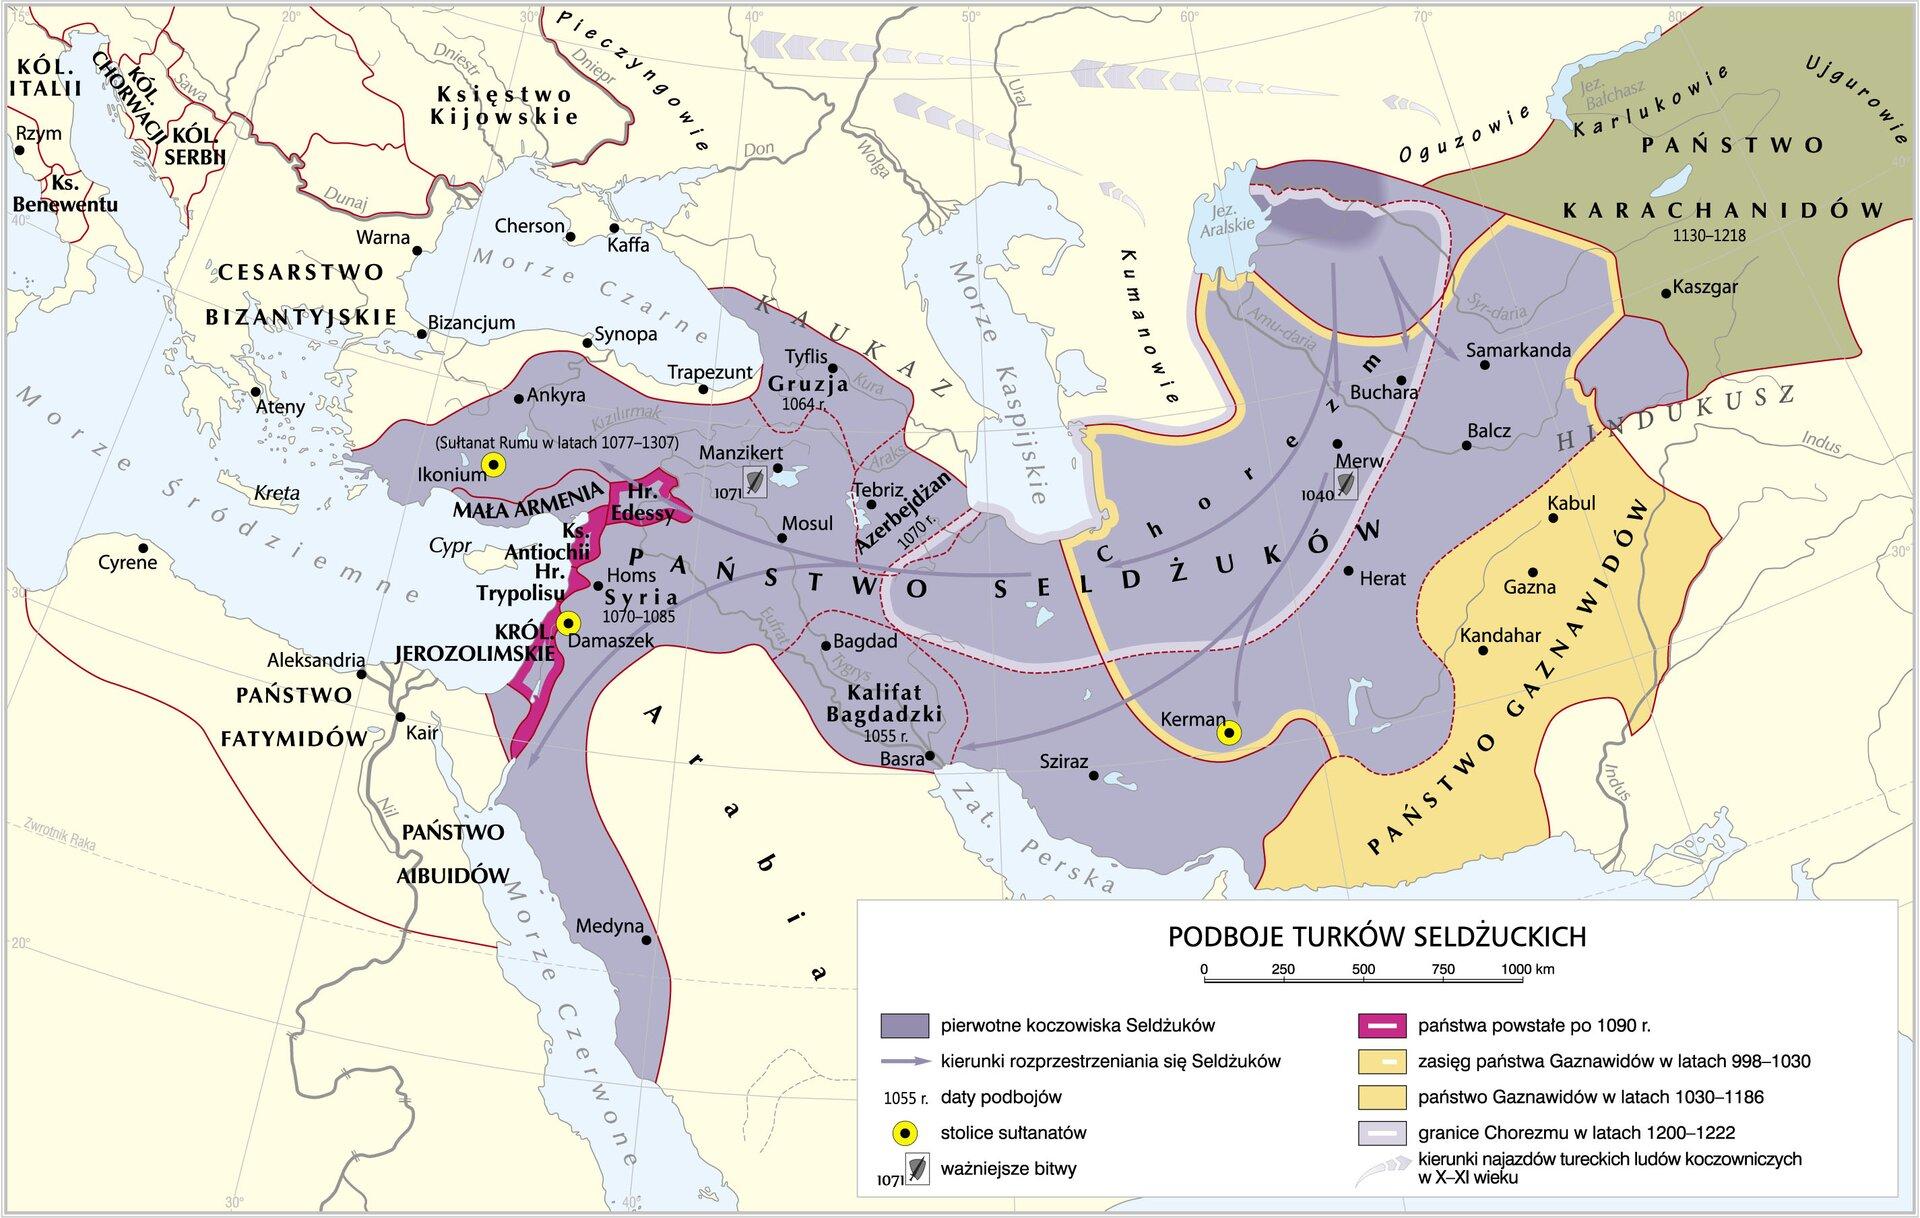 mapa Podboje Turków Sel Źródło: Krystian Chariza izespół, licencja: CC BY 3.0.